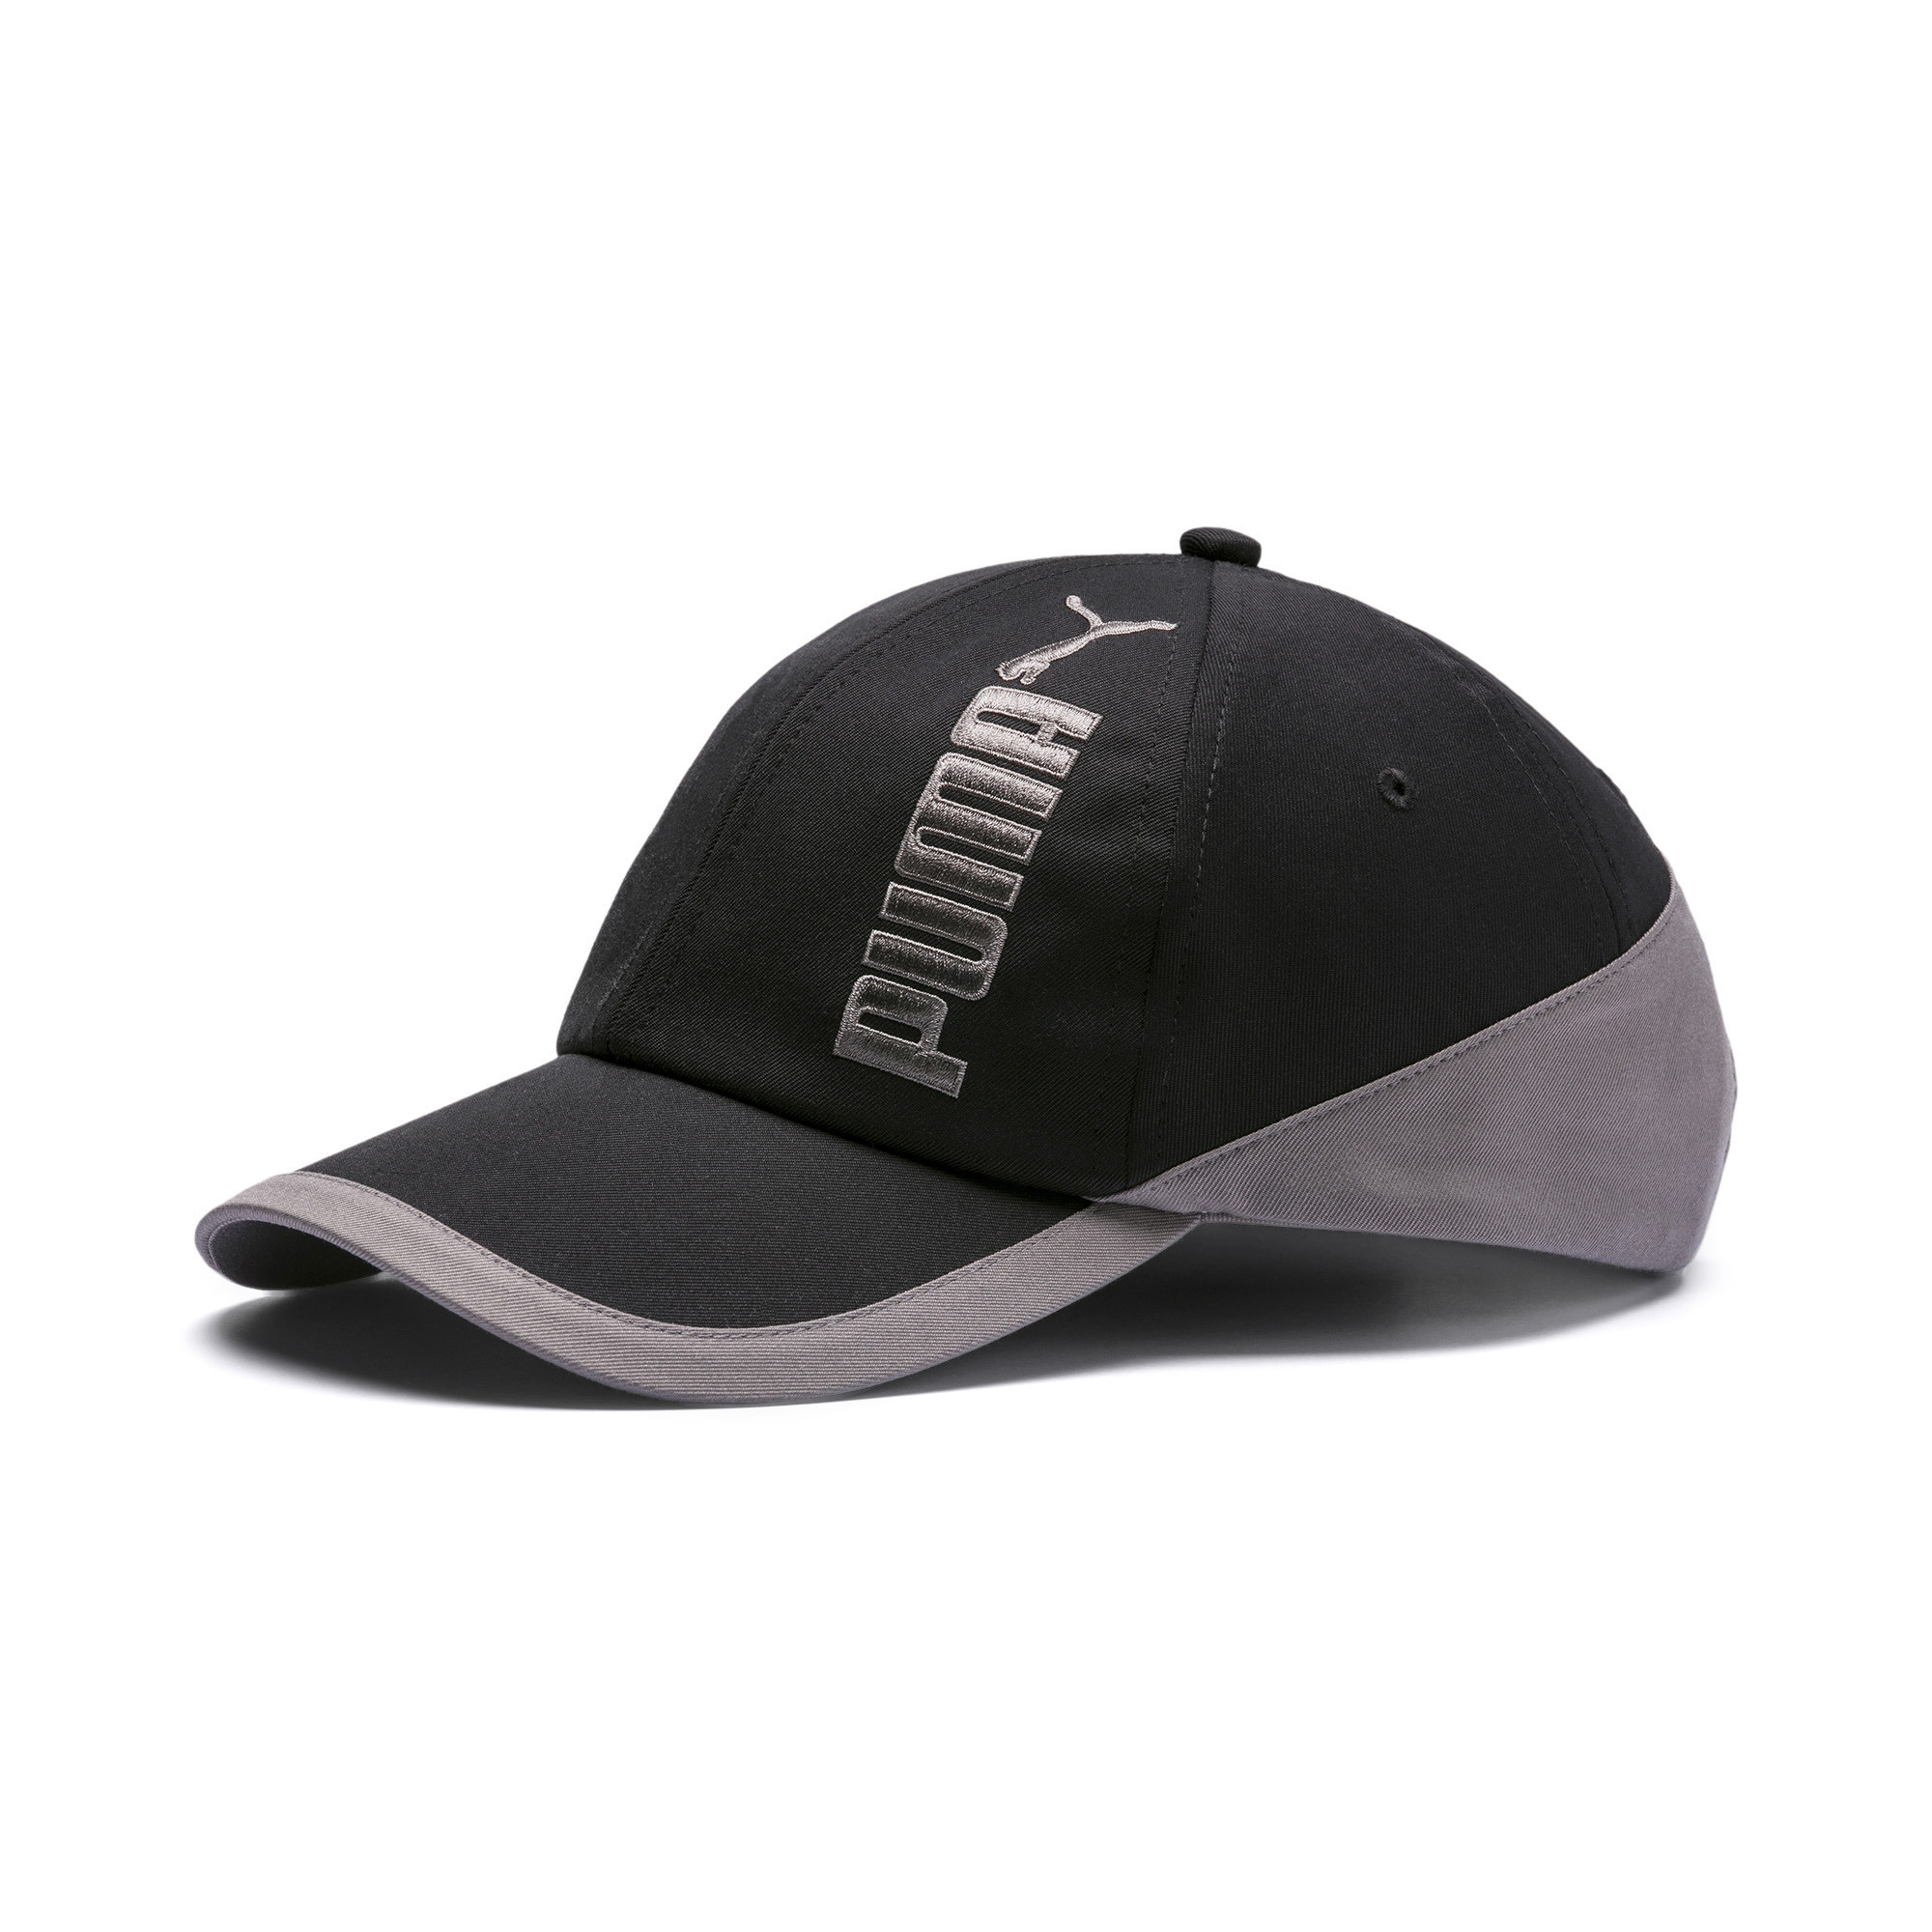 【プーマ公式通販】 プーマ プレミアム アーカイブ BB キャップ ユニセックス Puma Black-Charcoal Gray |PUMA.com